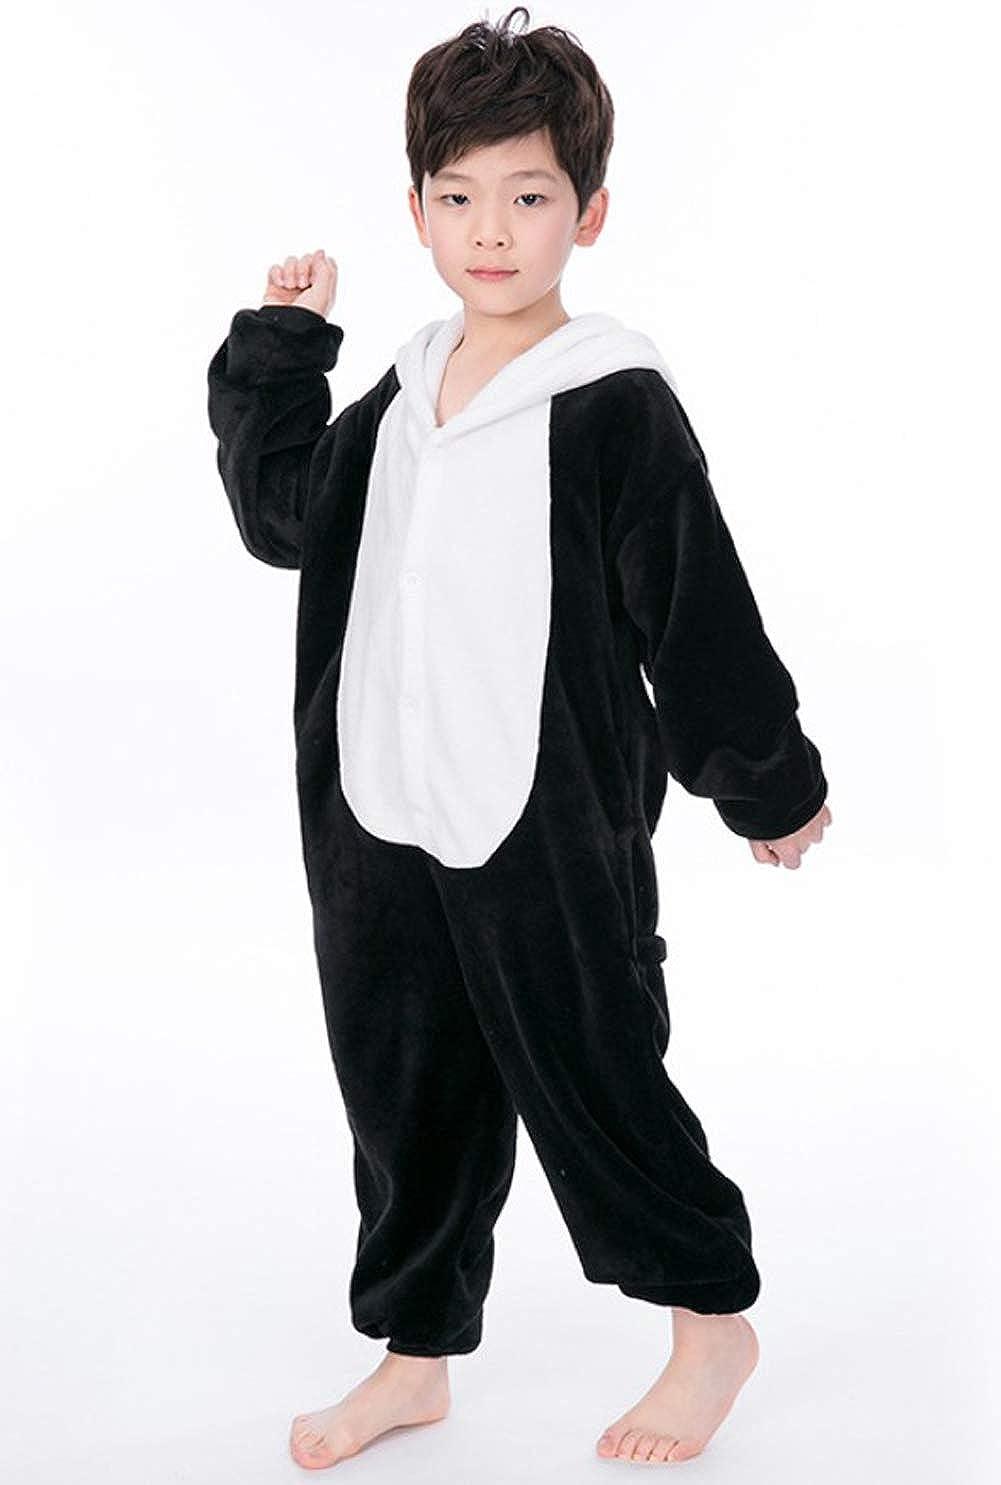 f68e29eab8a7e Enfant Pyjama Unisexe Onesie Kigurumi Animaux Panda Cosplay Costume  Combinaison Vetements de Nuit pour Taille 90-148CM  Amazon.fr  Vêtements et  accessoires